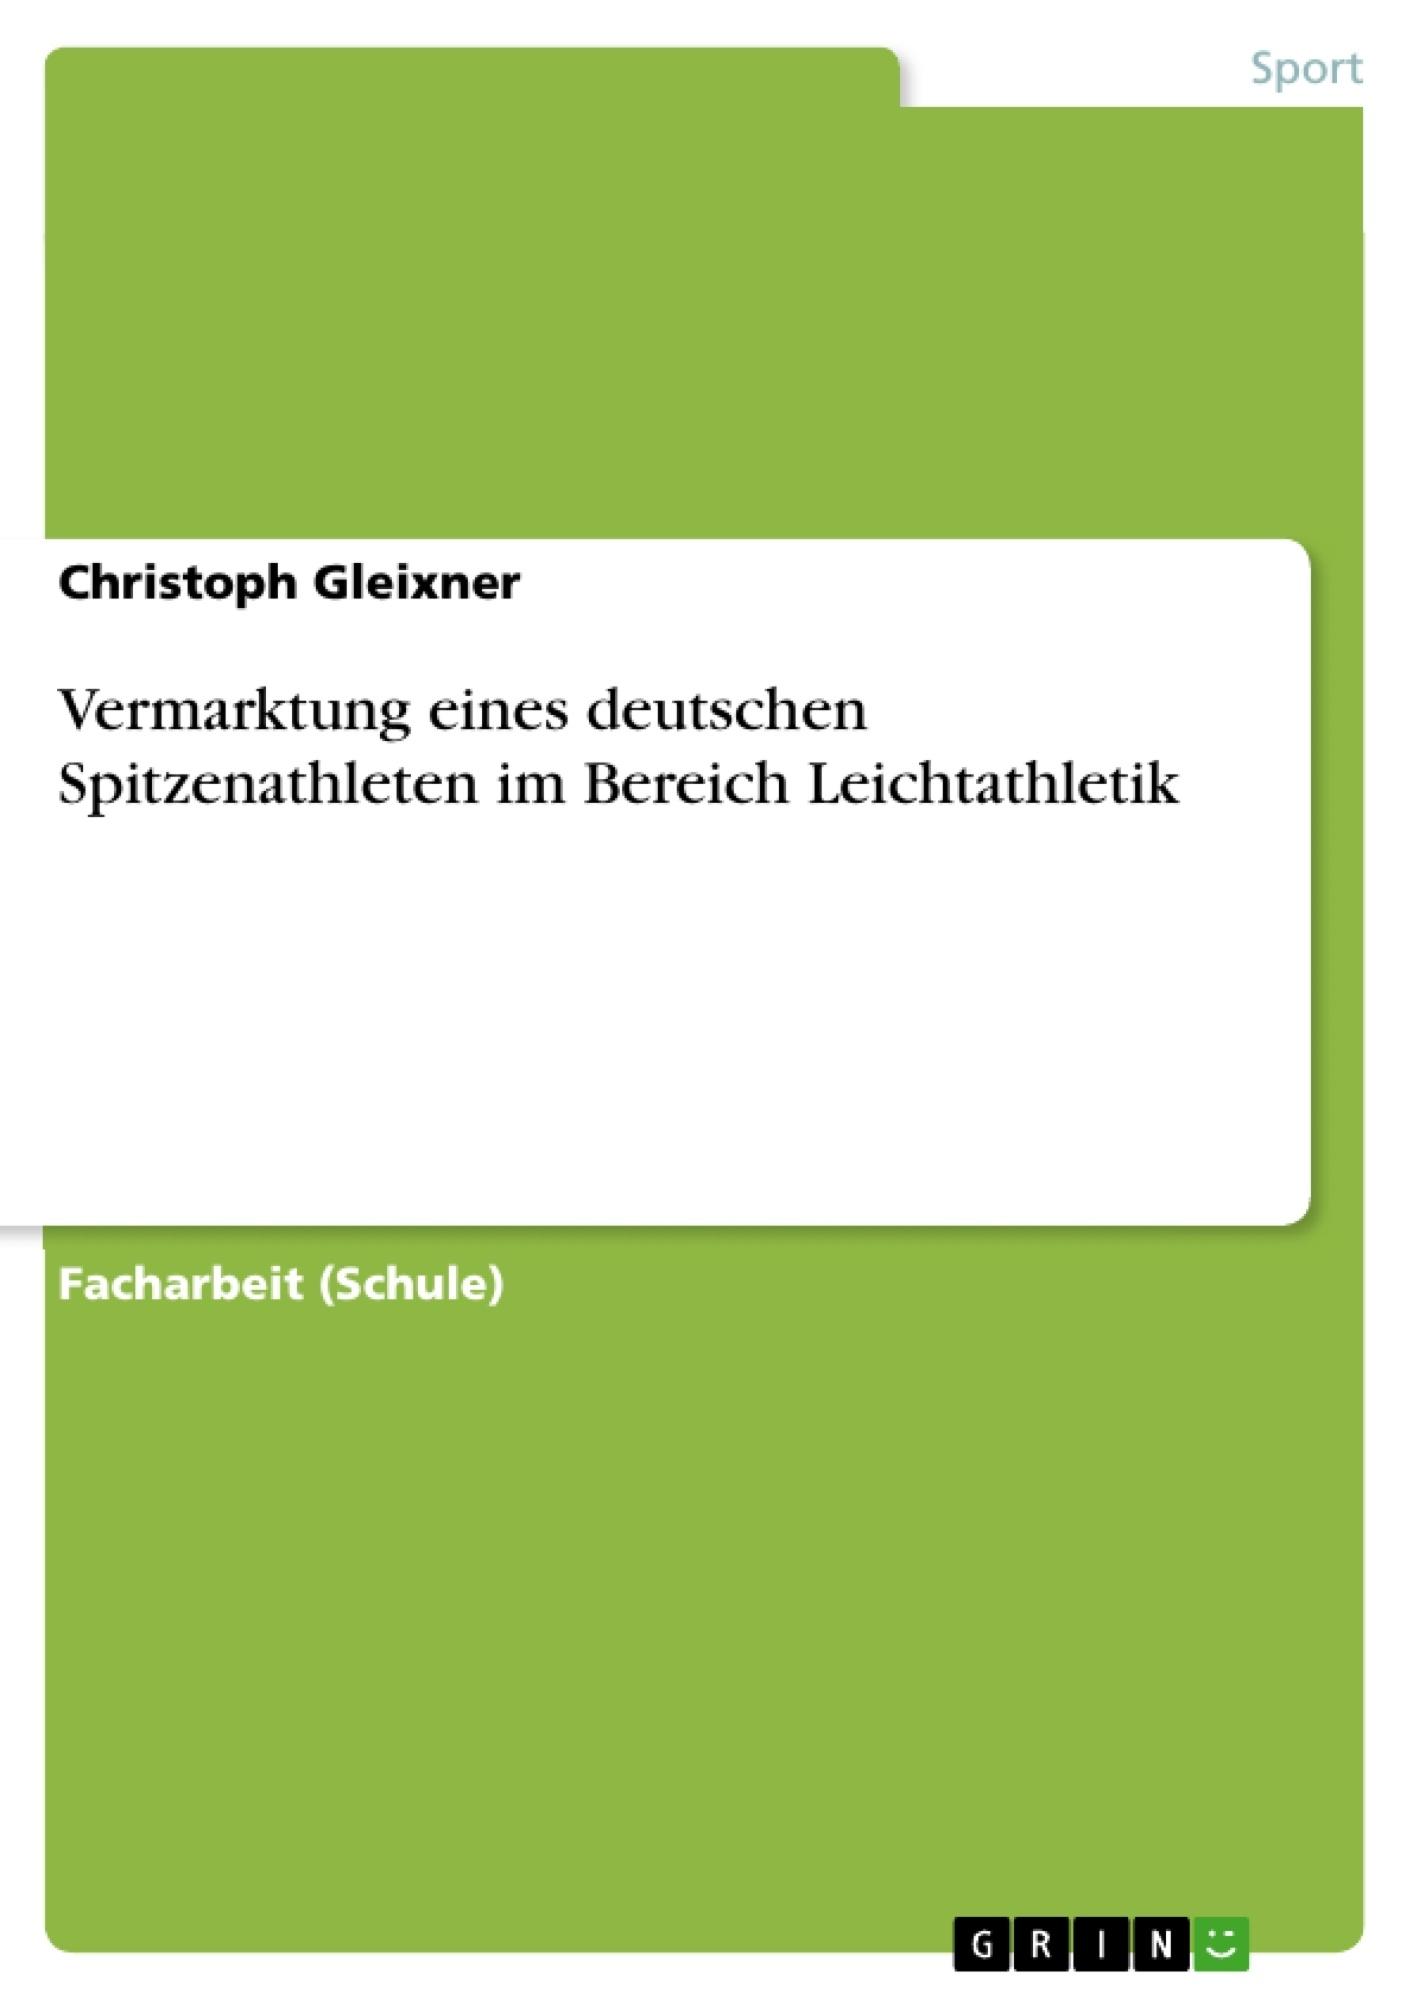 Titel: Vermarktung eines deutschen Spitzenathleten im Bereich Leichtathletik